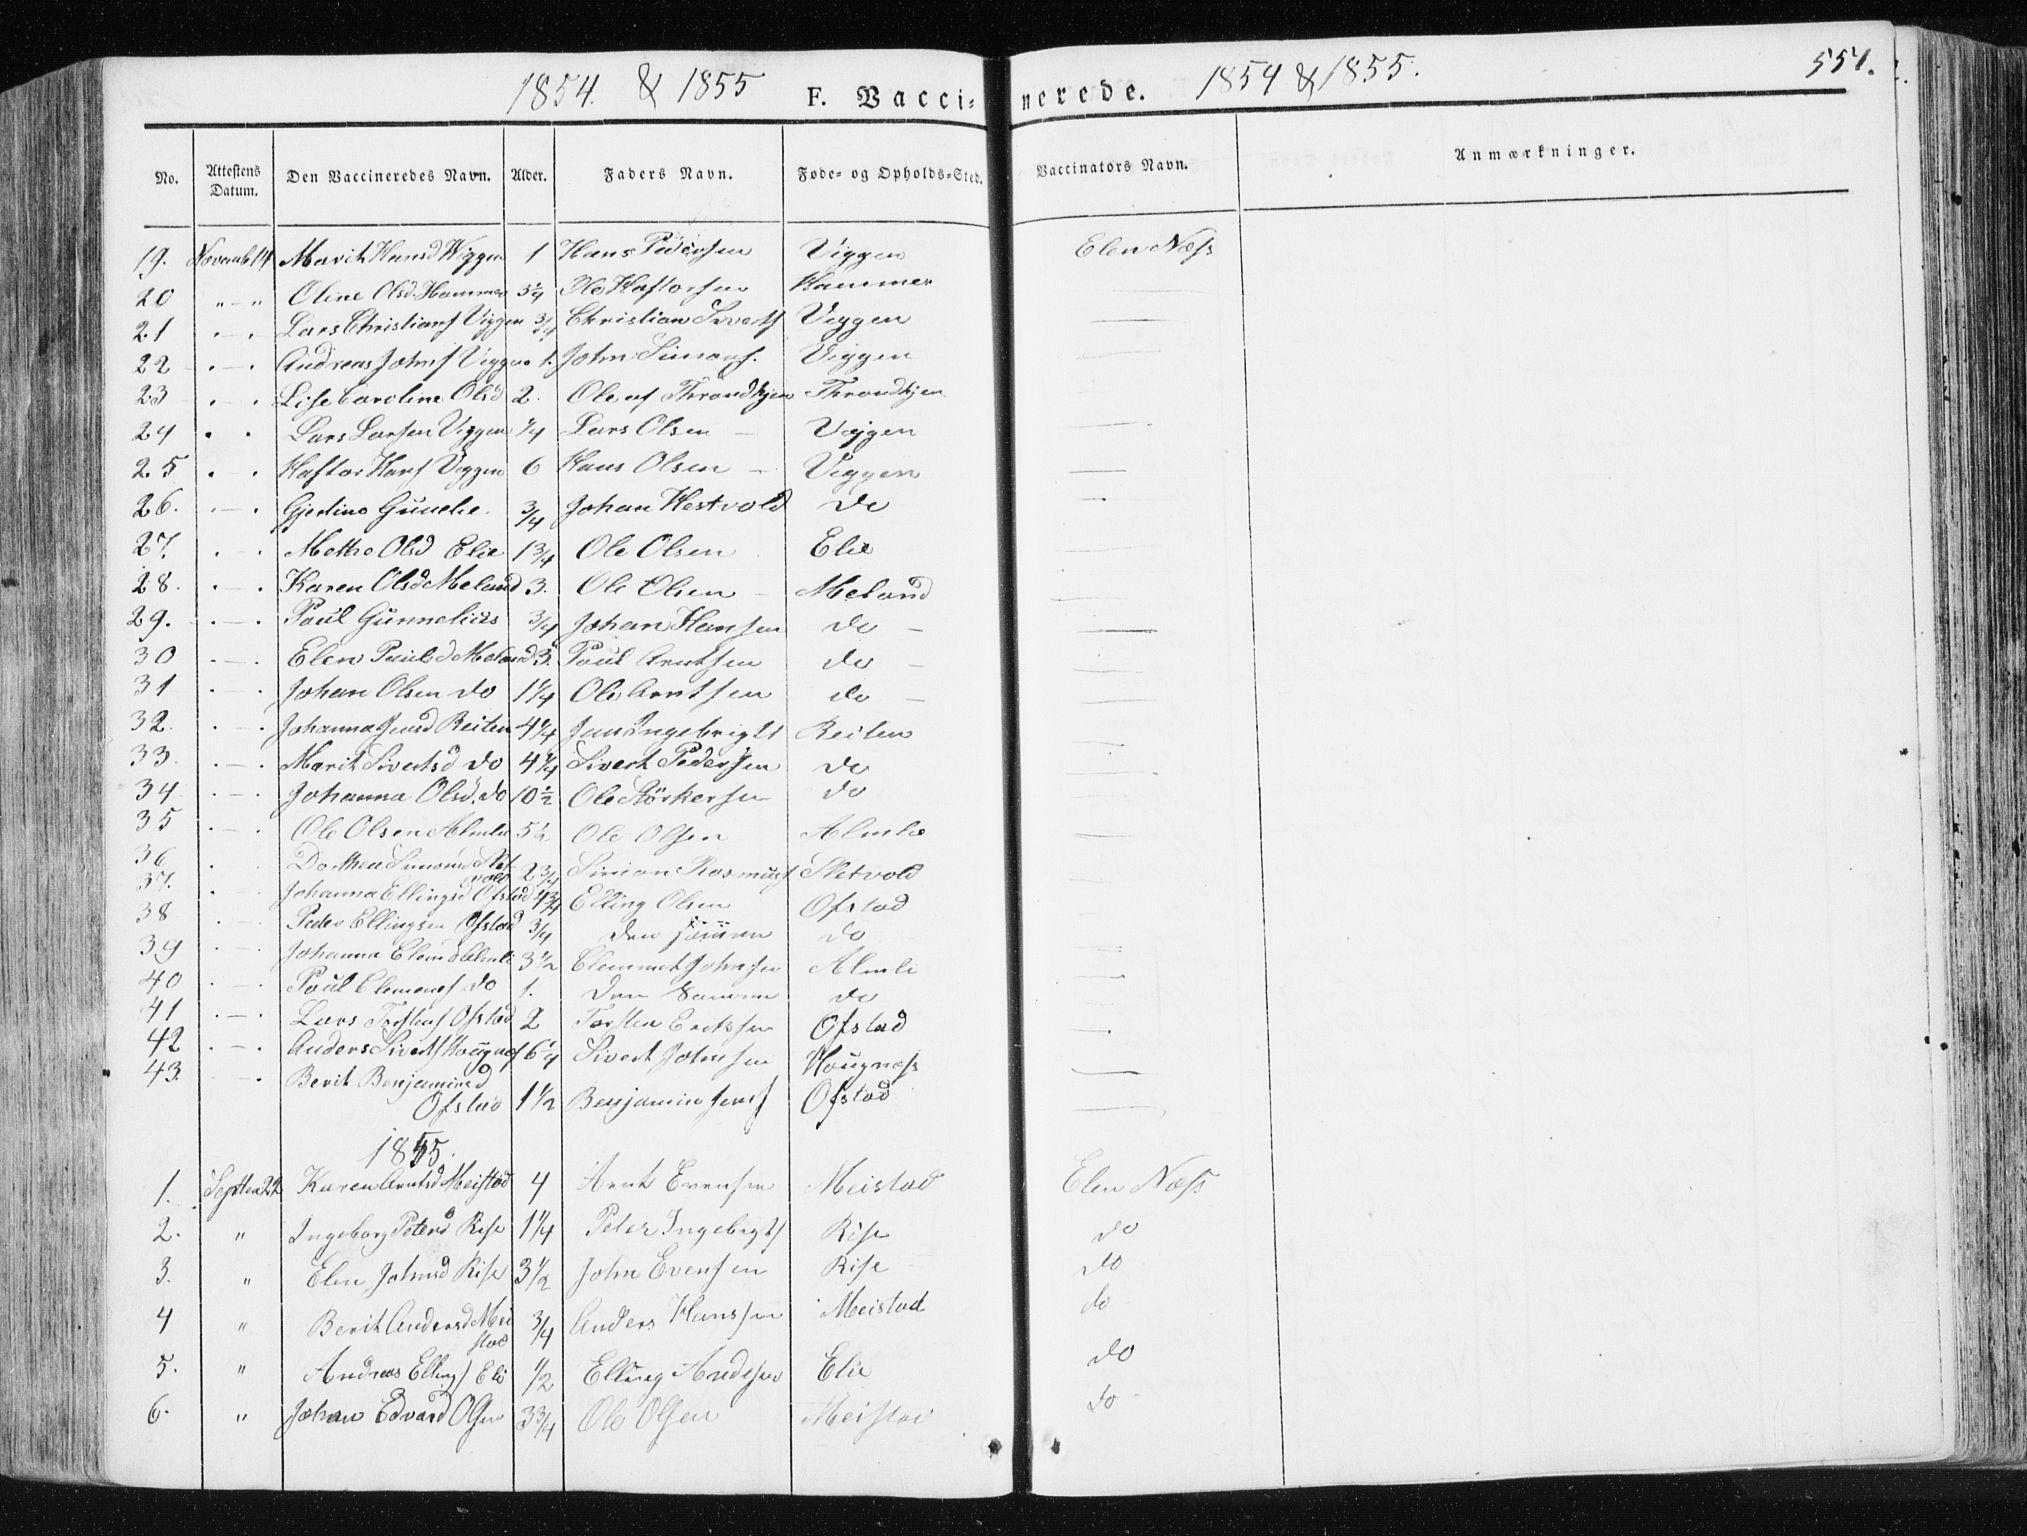 SAT, Ministerialprotokoller, klokkerbøker og fødselsregistre - Sør-Trøndelag, 665/L0771: Ministerialbok nr. 665A06, 1830-1856, s. 551